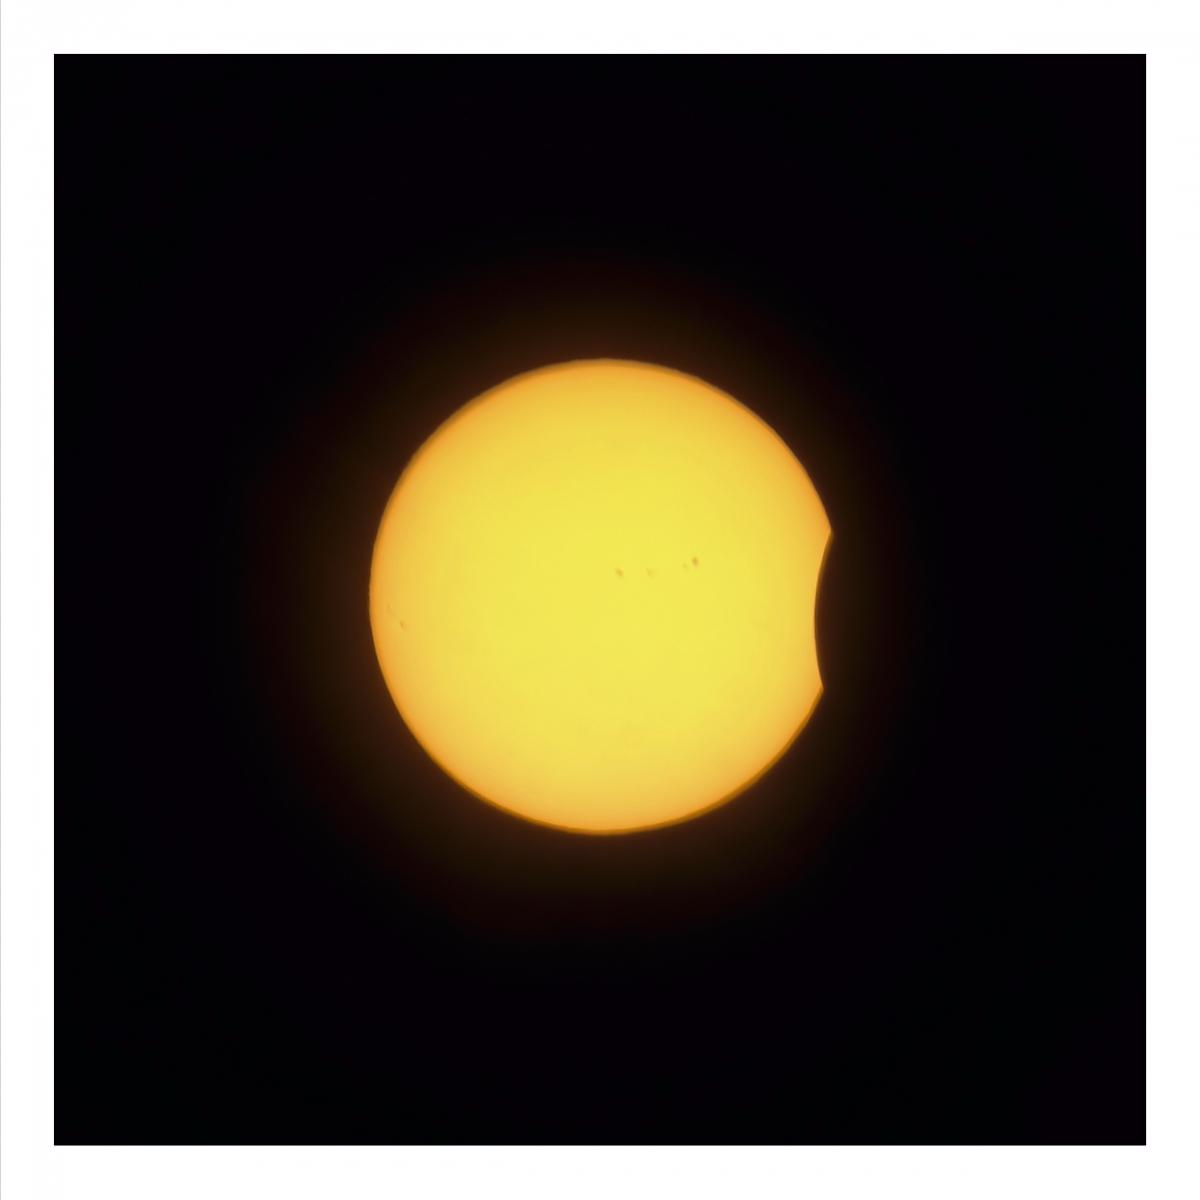 麻省拍到的日偏食【心想事成】_图1-1